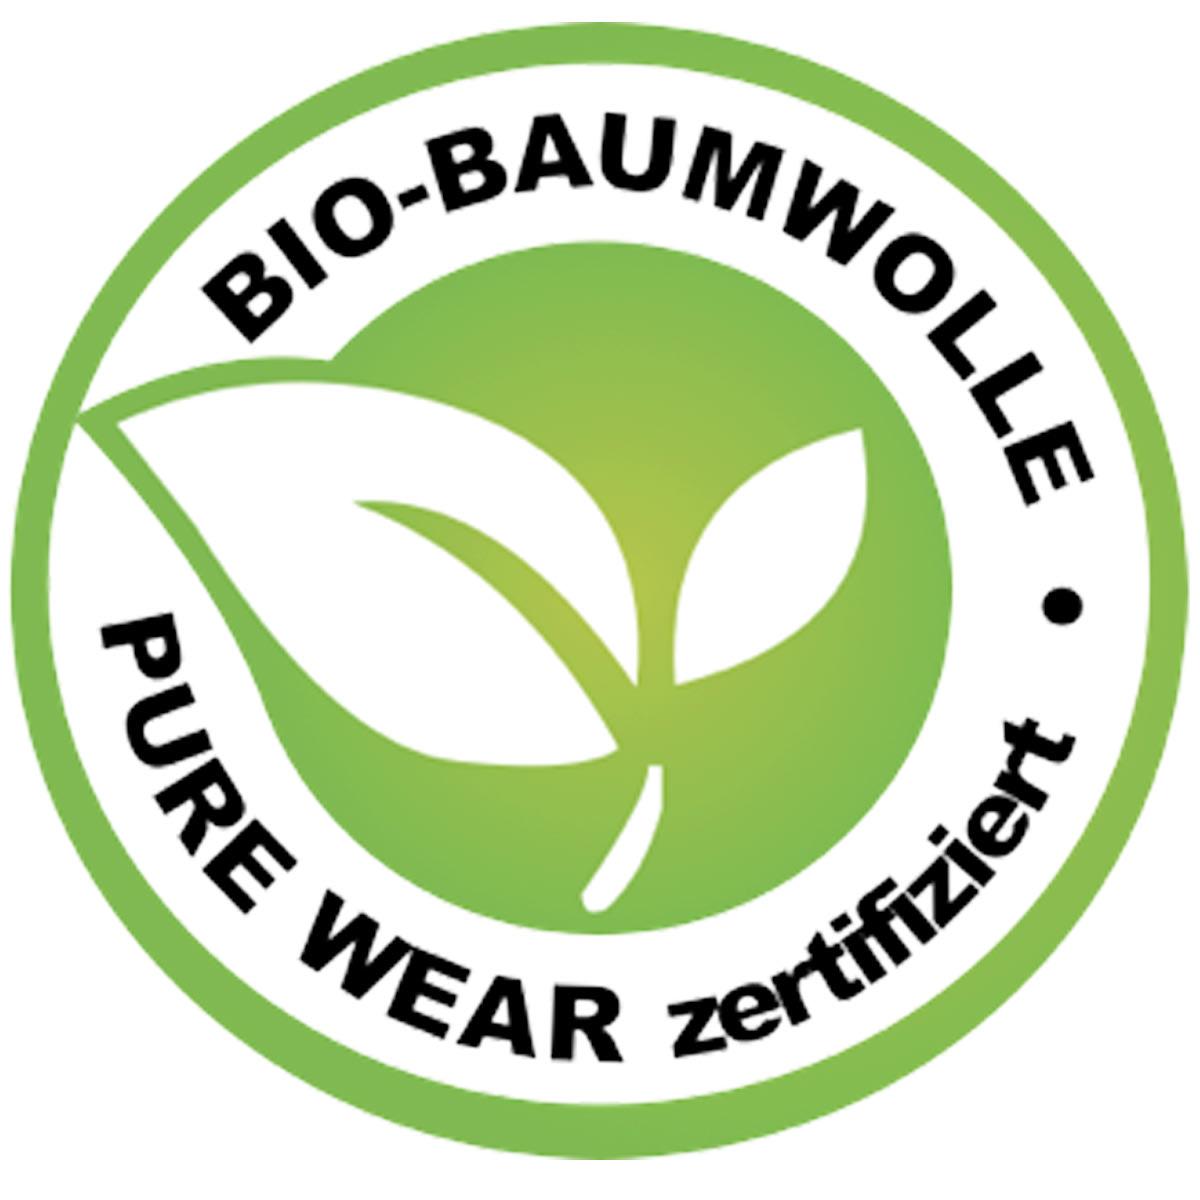 Ökologie & Verantwortung - Pure Wear